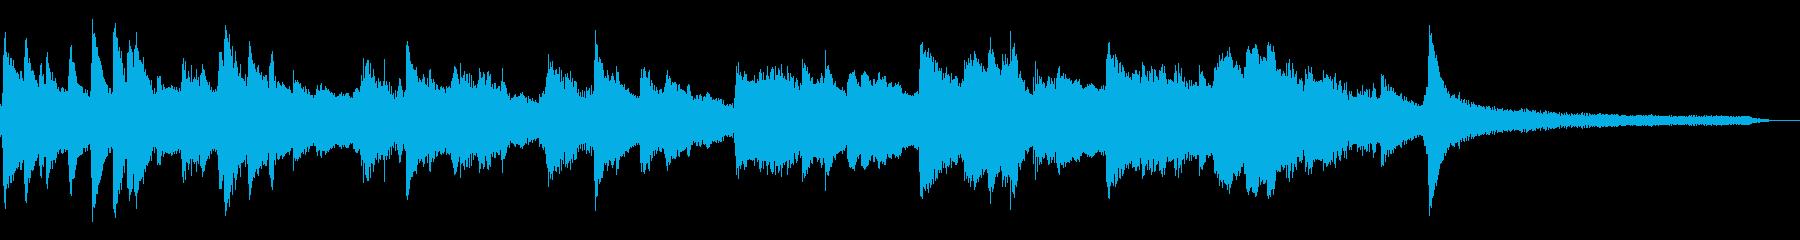 けべれけ千鳥足の和風ジングル25-ピアノの再生済みの波形